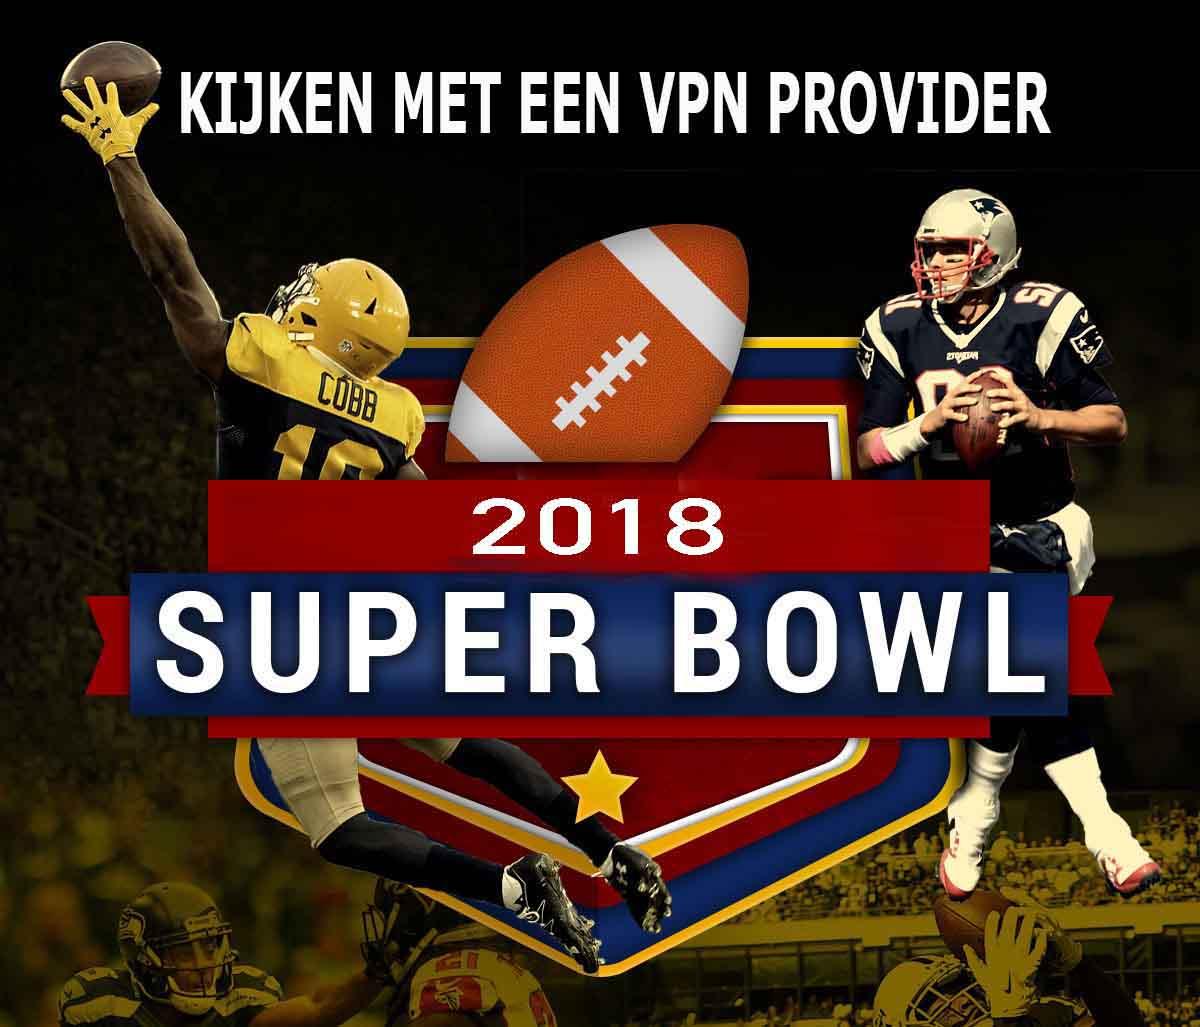 super bowl 2018 nederland